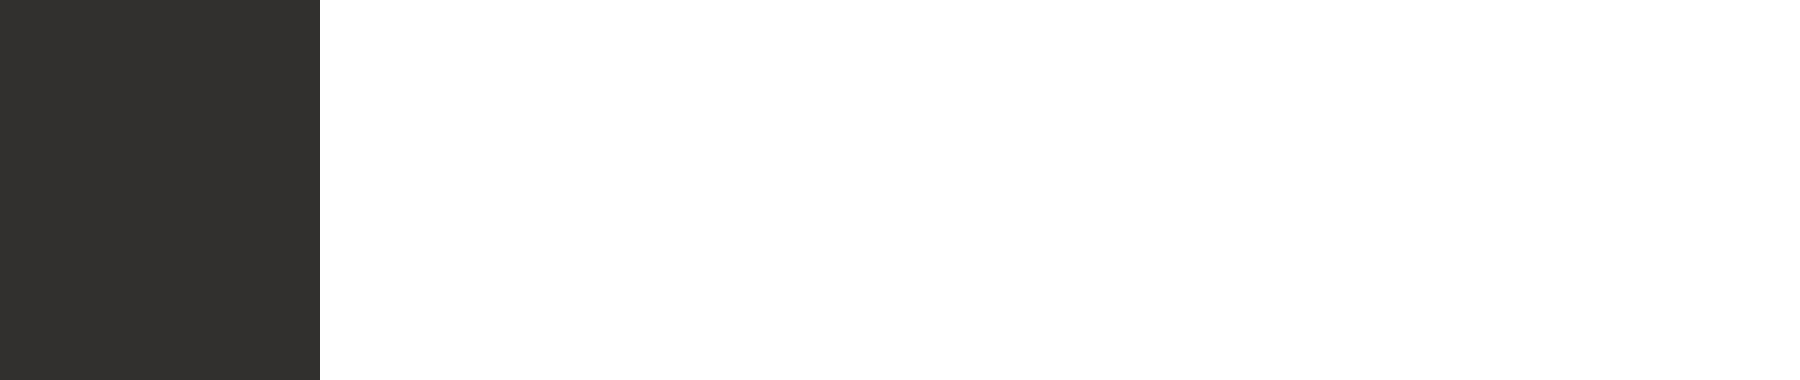 KBI-logo.png